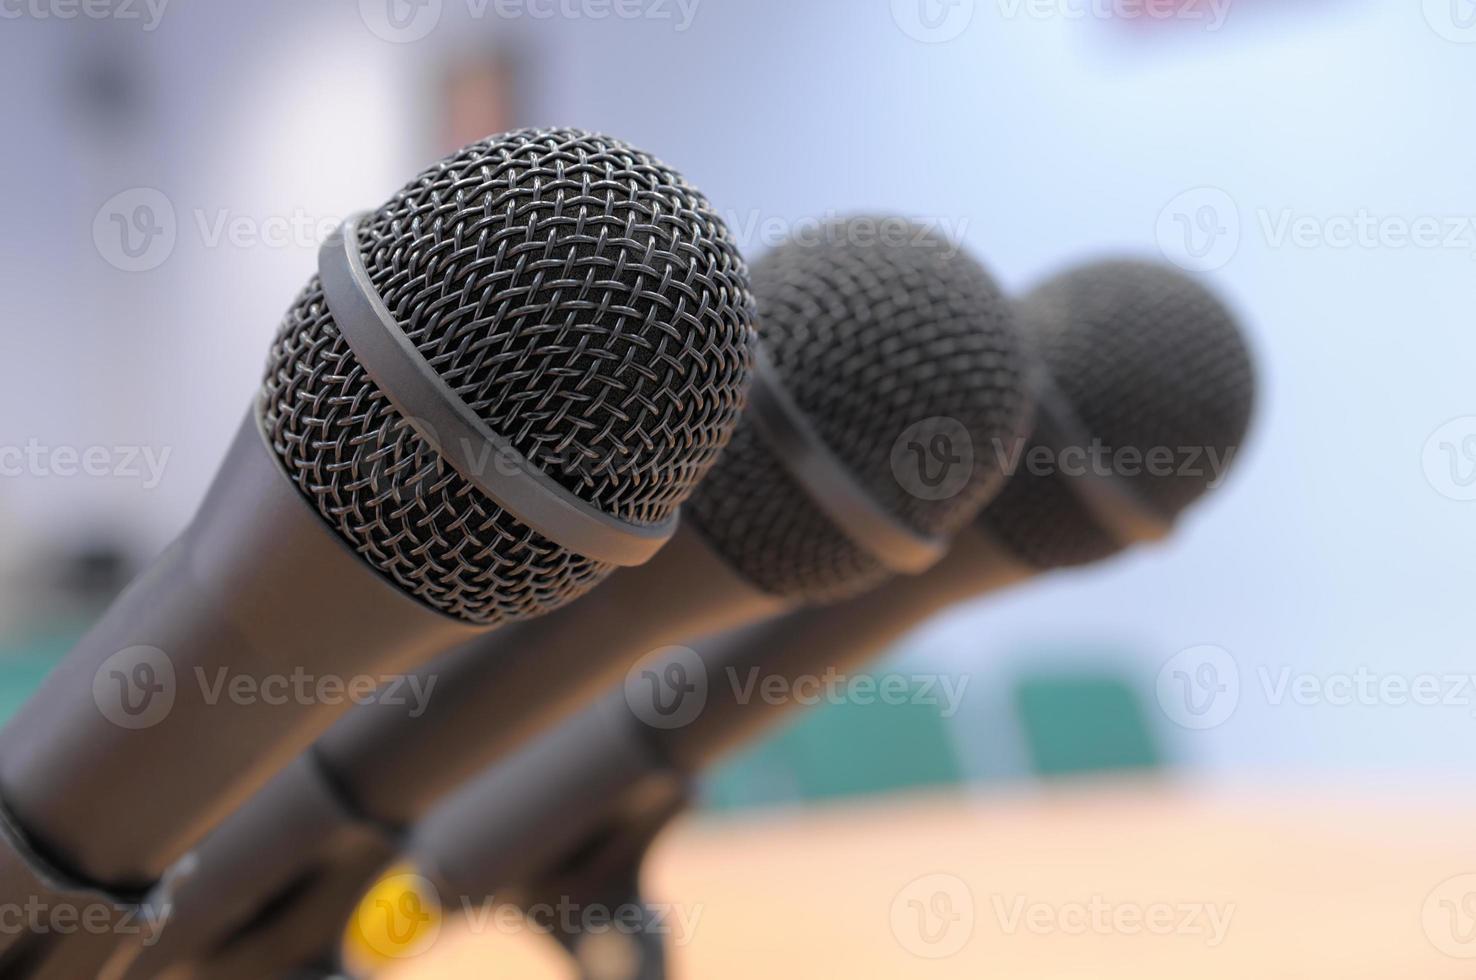 microfoons staan in de vergaderzaal. foto